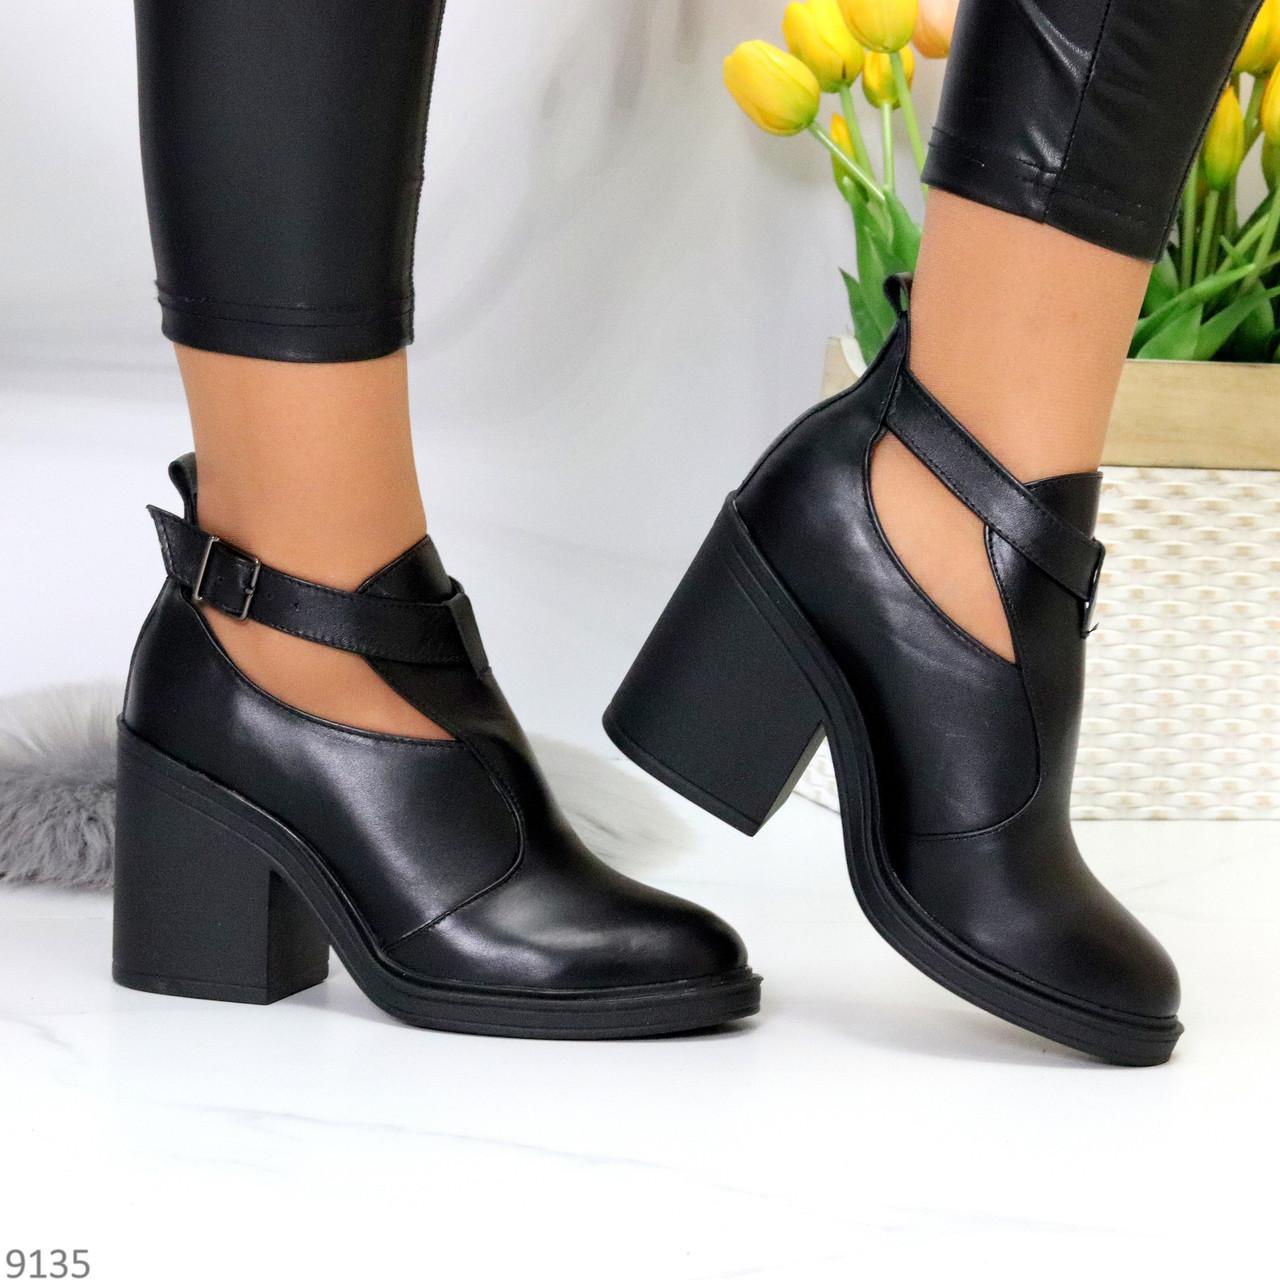 Черные модельные женские ботинки ботильоны натуральная кожа на устойчивом каблуке 40-26см